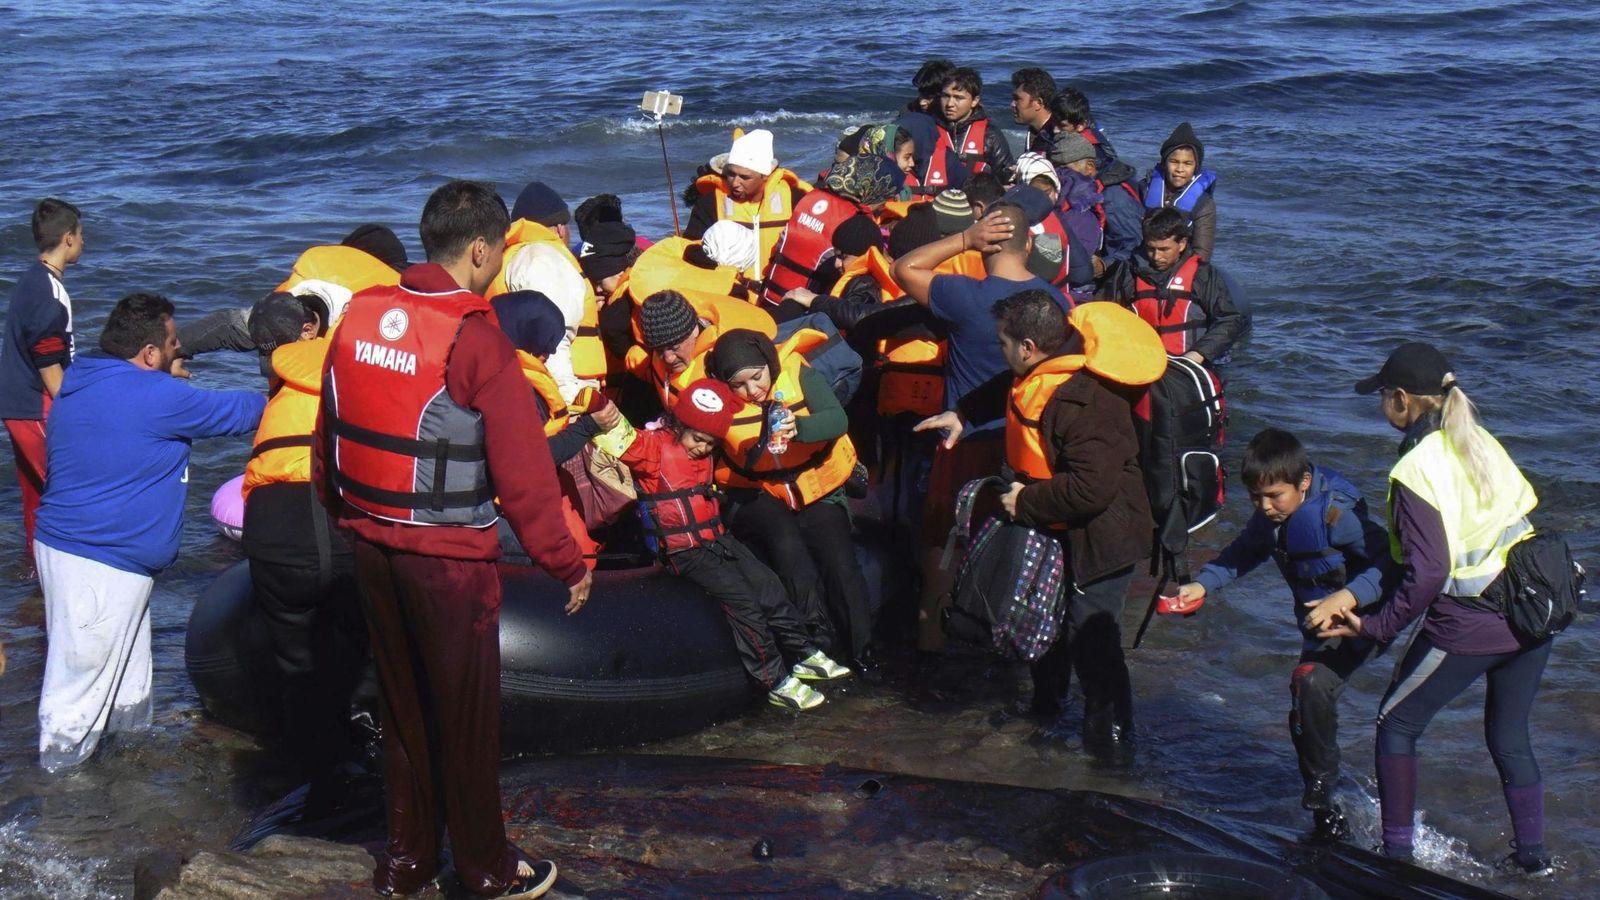 mas-de-3-500-migrantes-y-refugiados-llegaron-a-espana-por-mar-en-2015